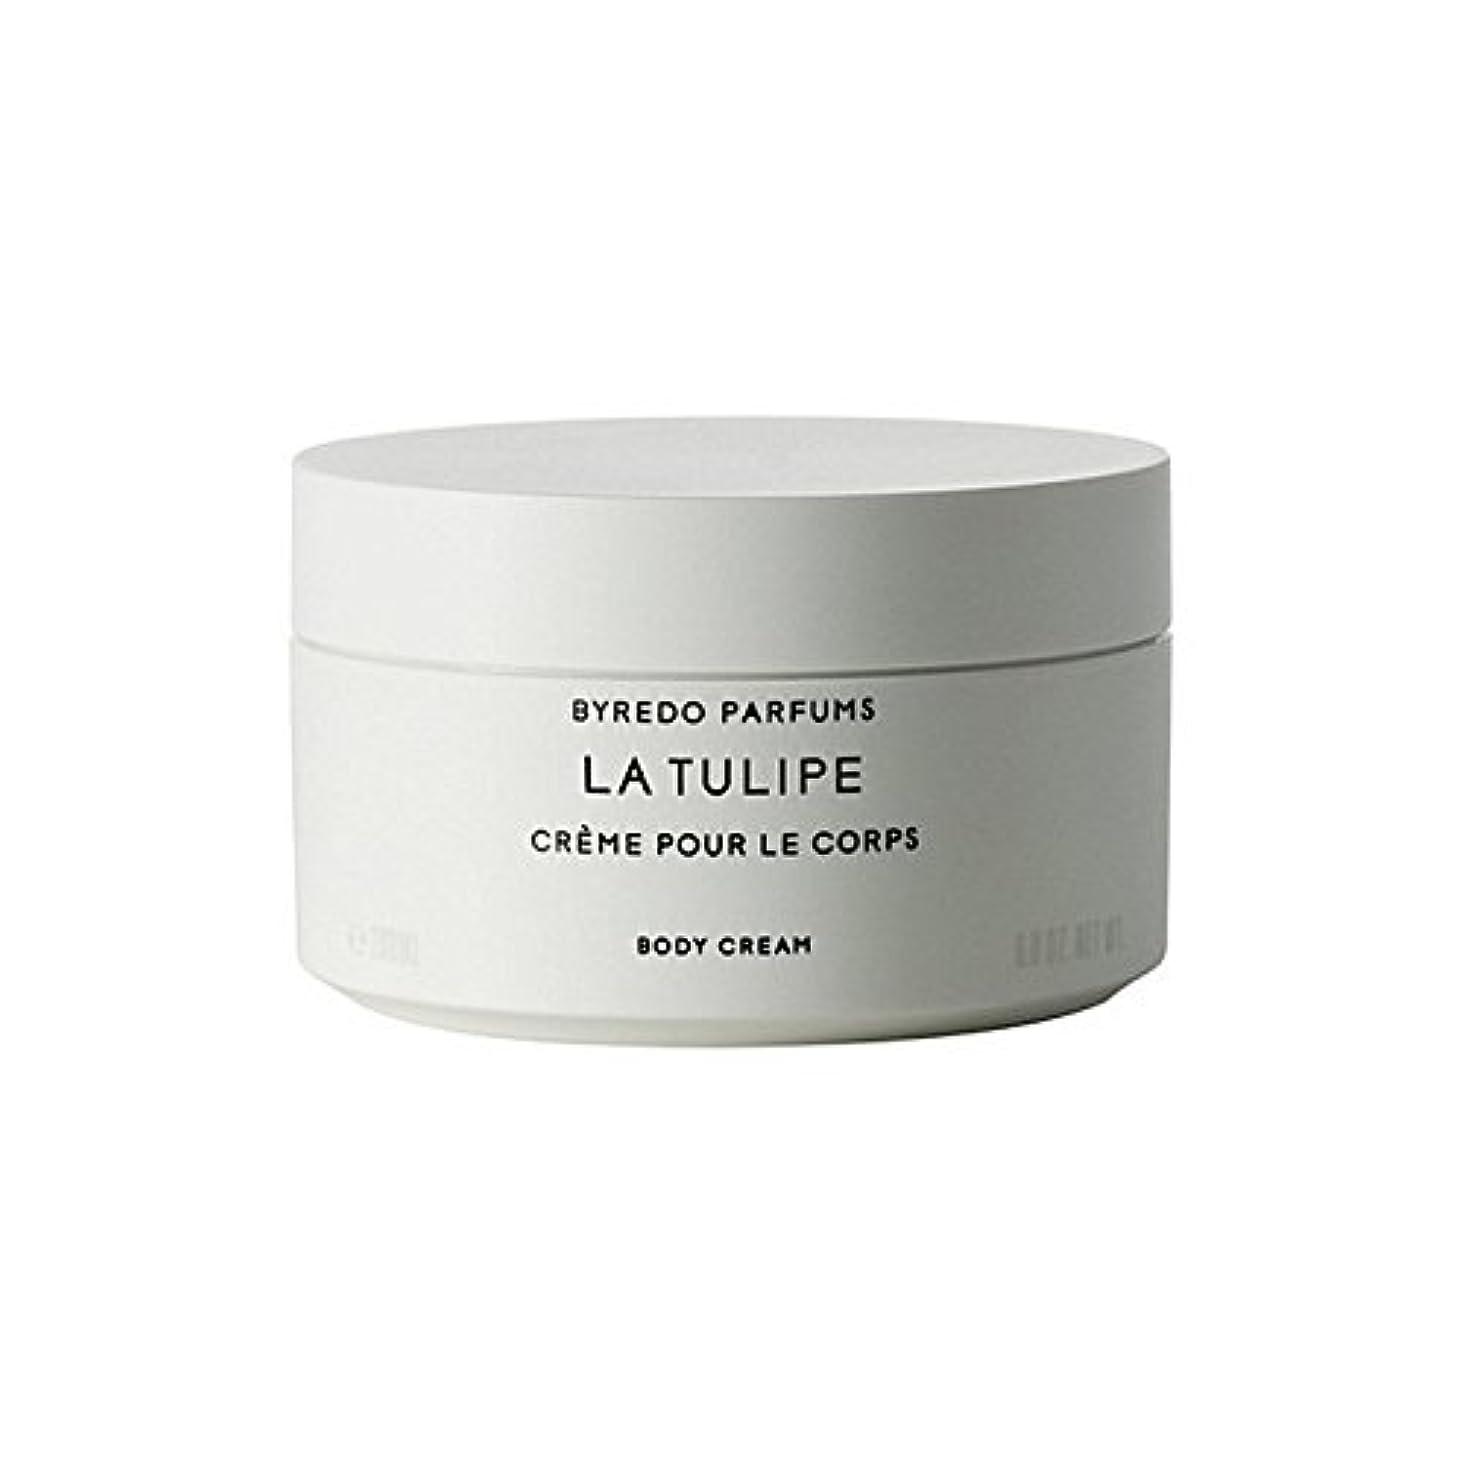 静かにパスポート時系列ラチューリップボディクリーム200ミリリットル x4 - Byredo La Tulipe Body Cream 200ml (Pack of 4) [並行輸入品]